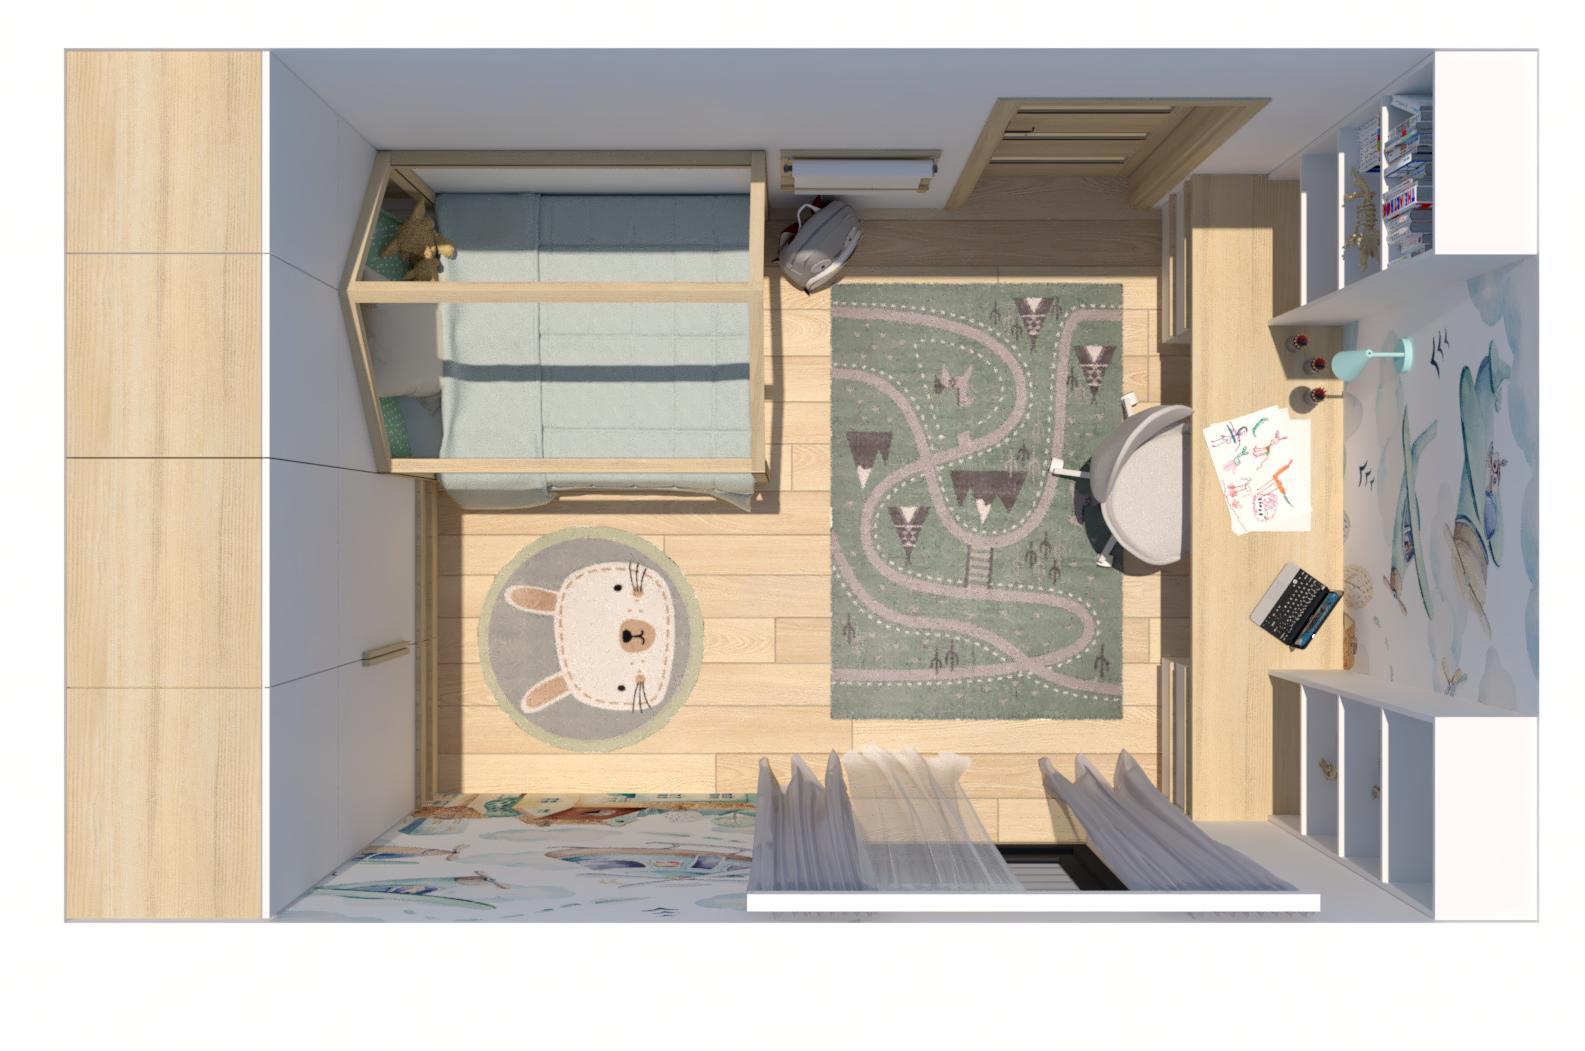 Náš domček 🥰❤ - Obrázok č. 39